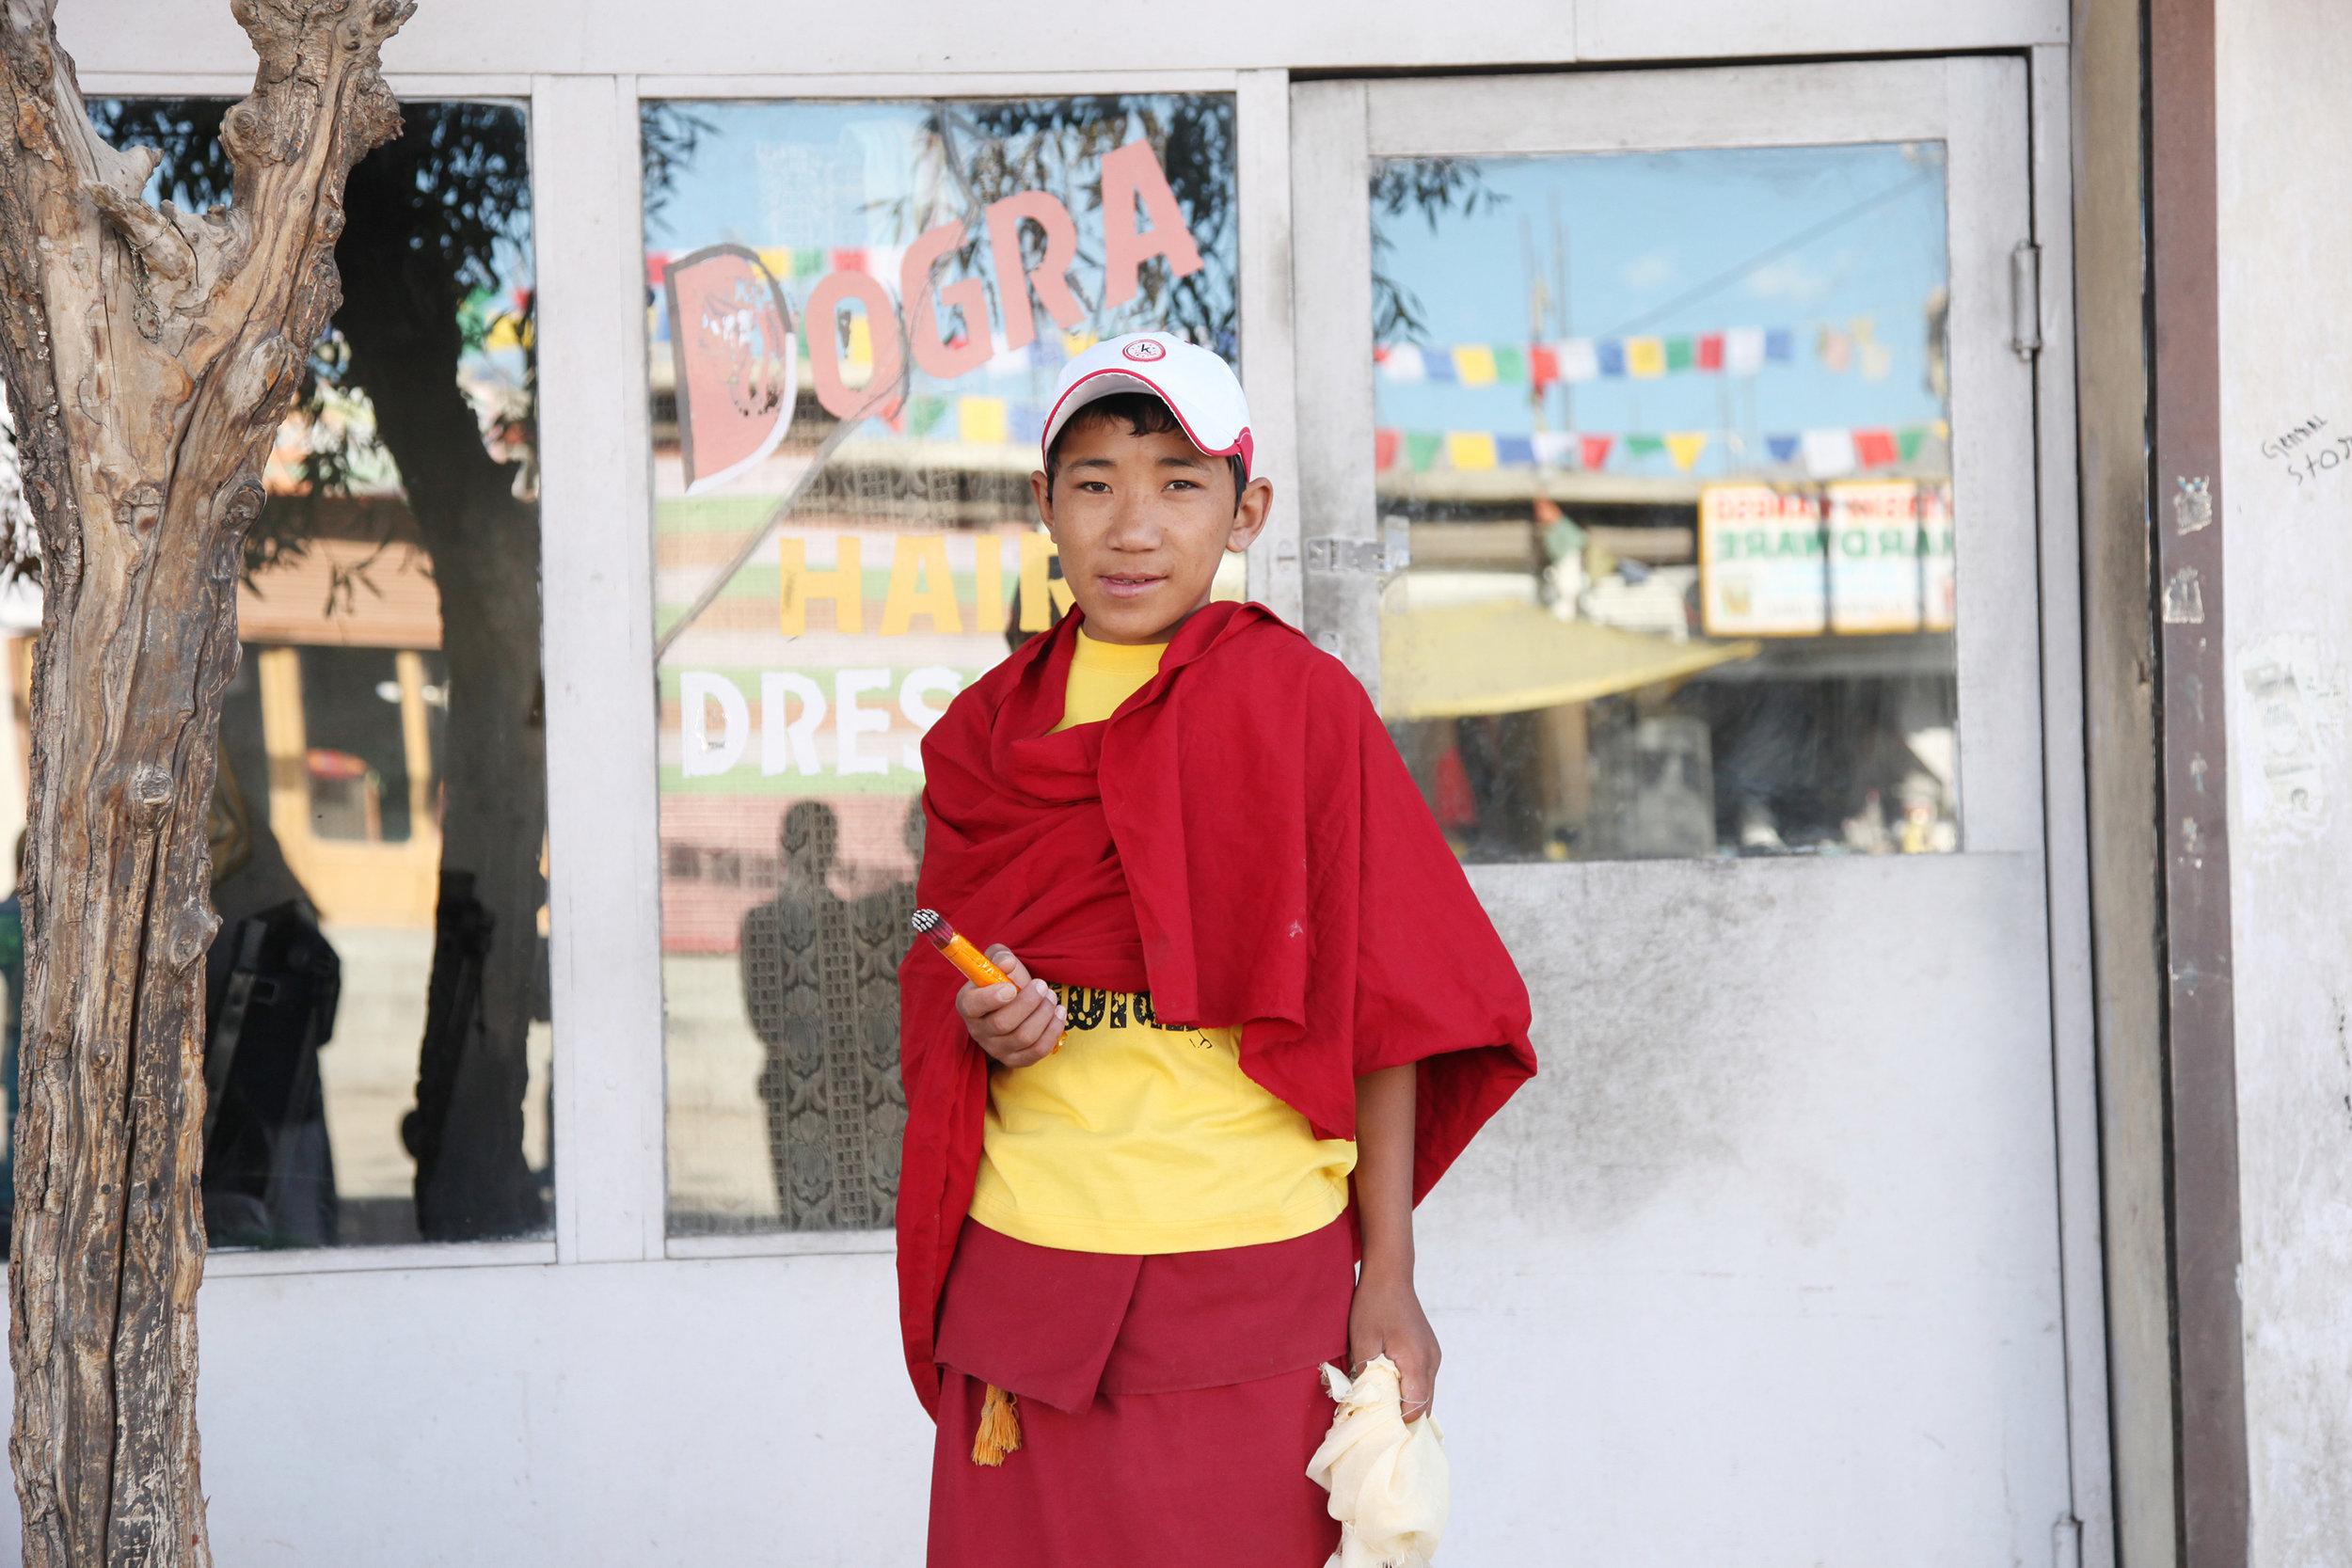 Dalai Lama Drives By